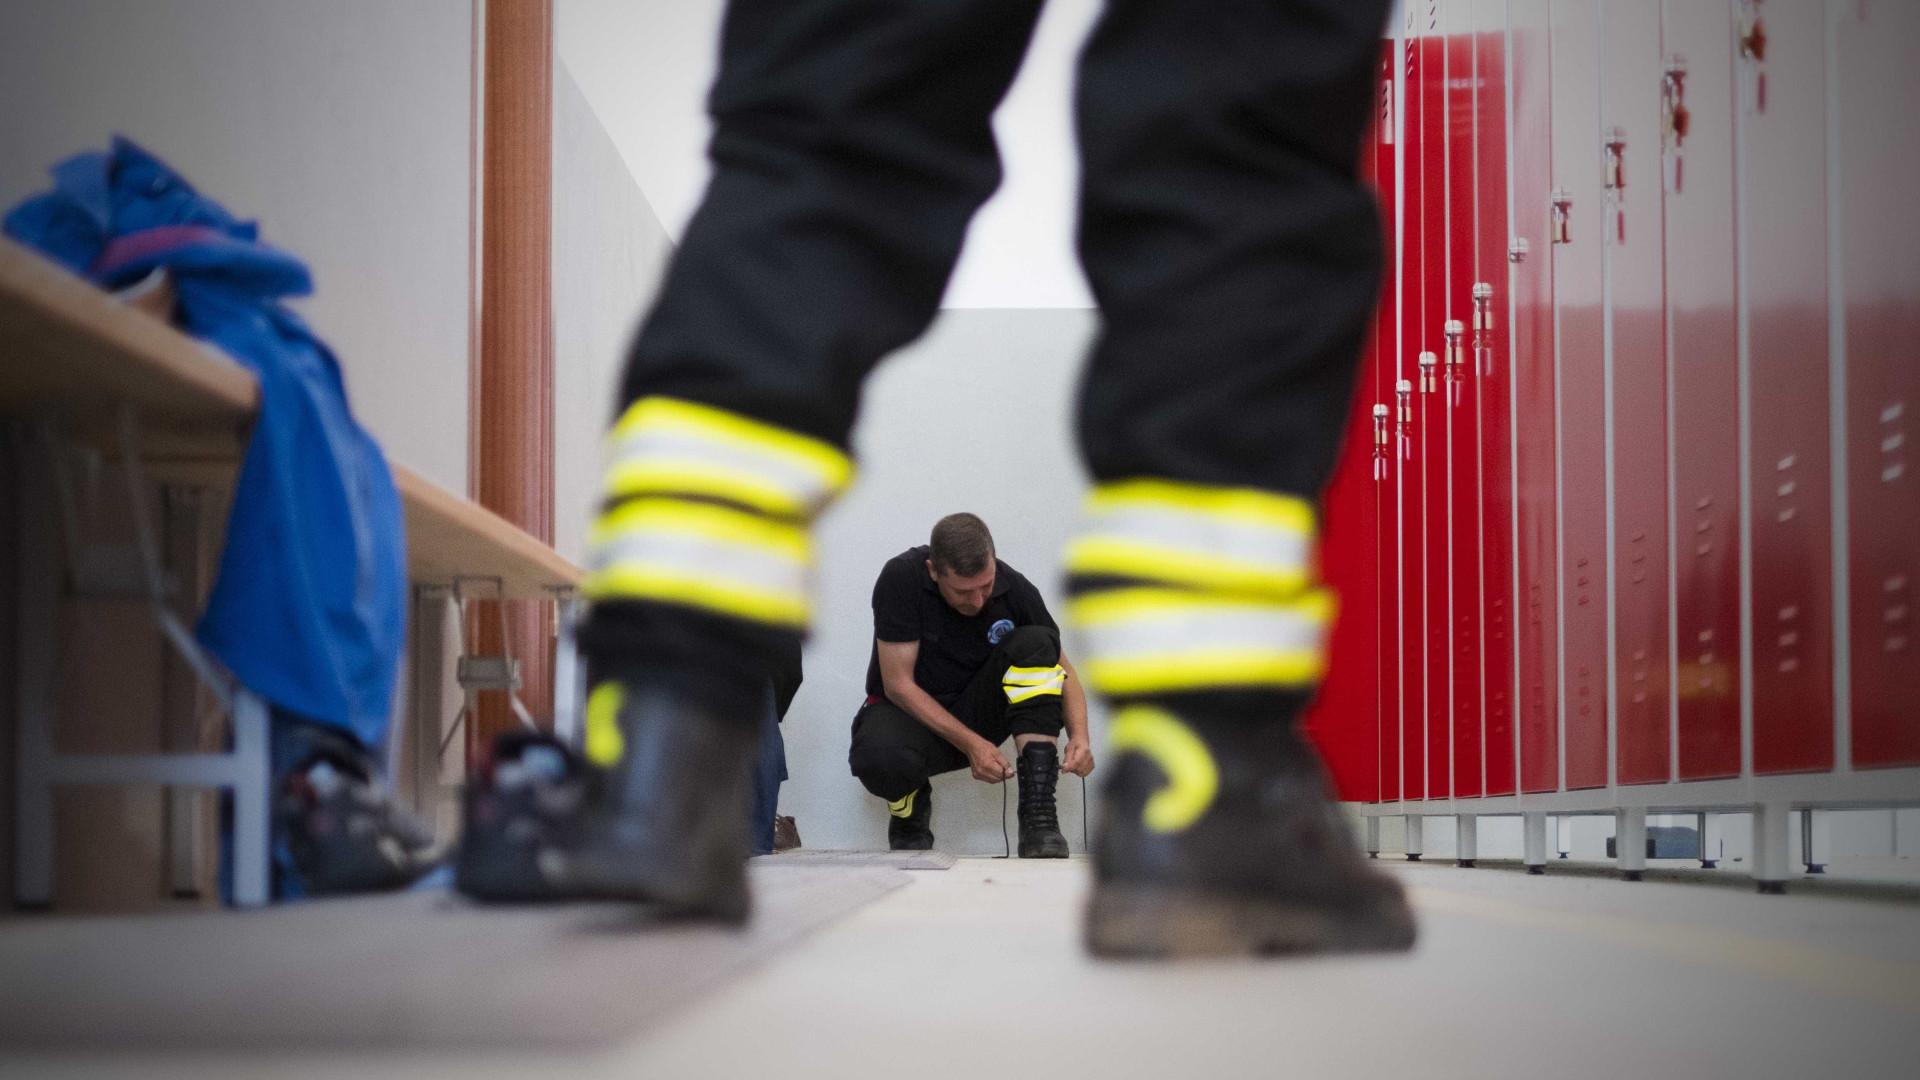 Parlamento estende apoios às zonas afetadas por fogos de outubro